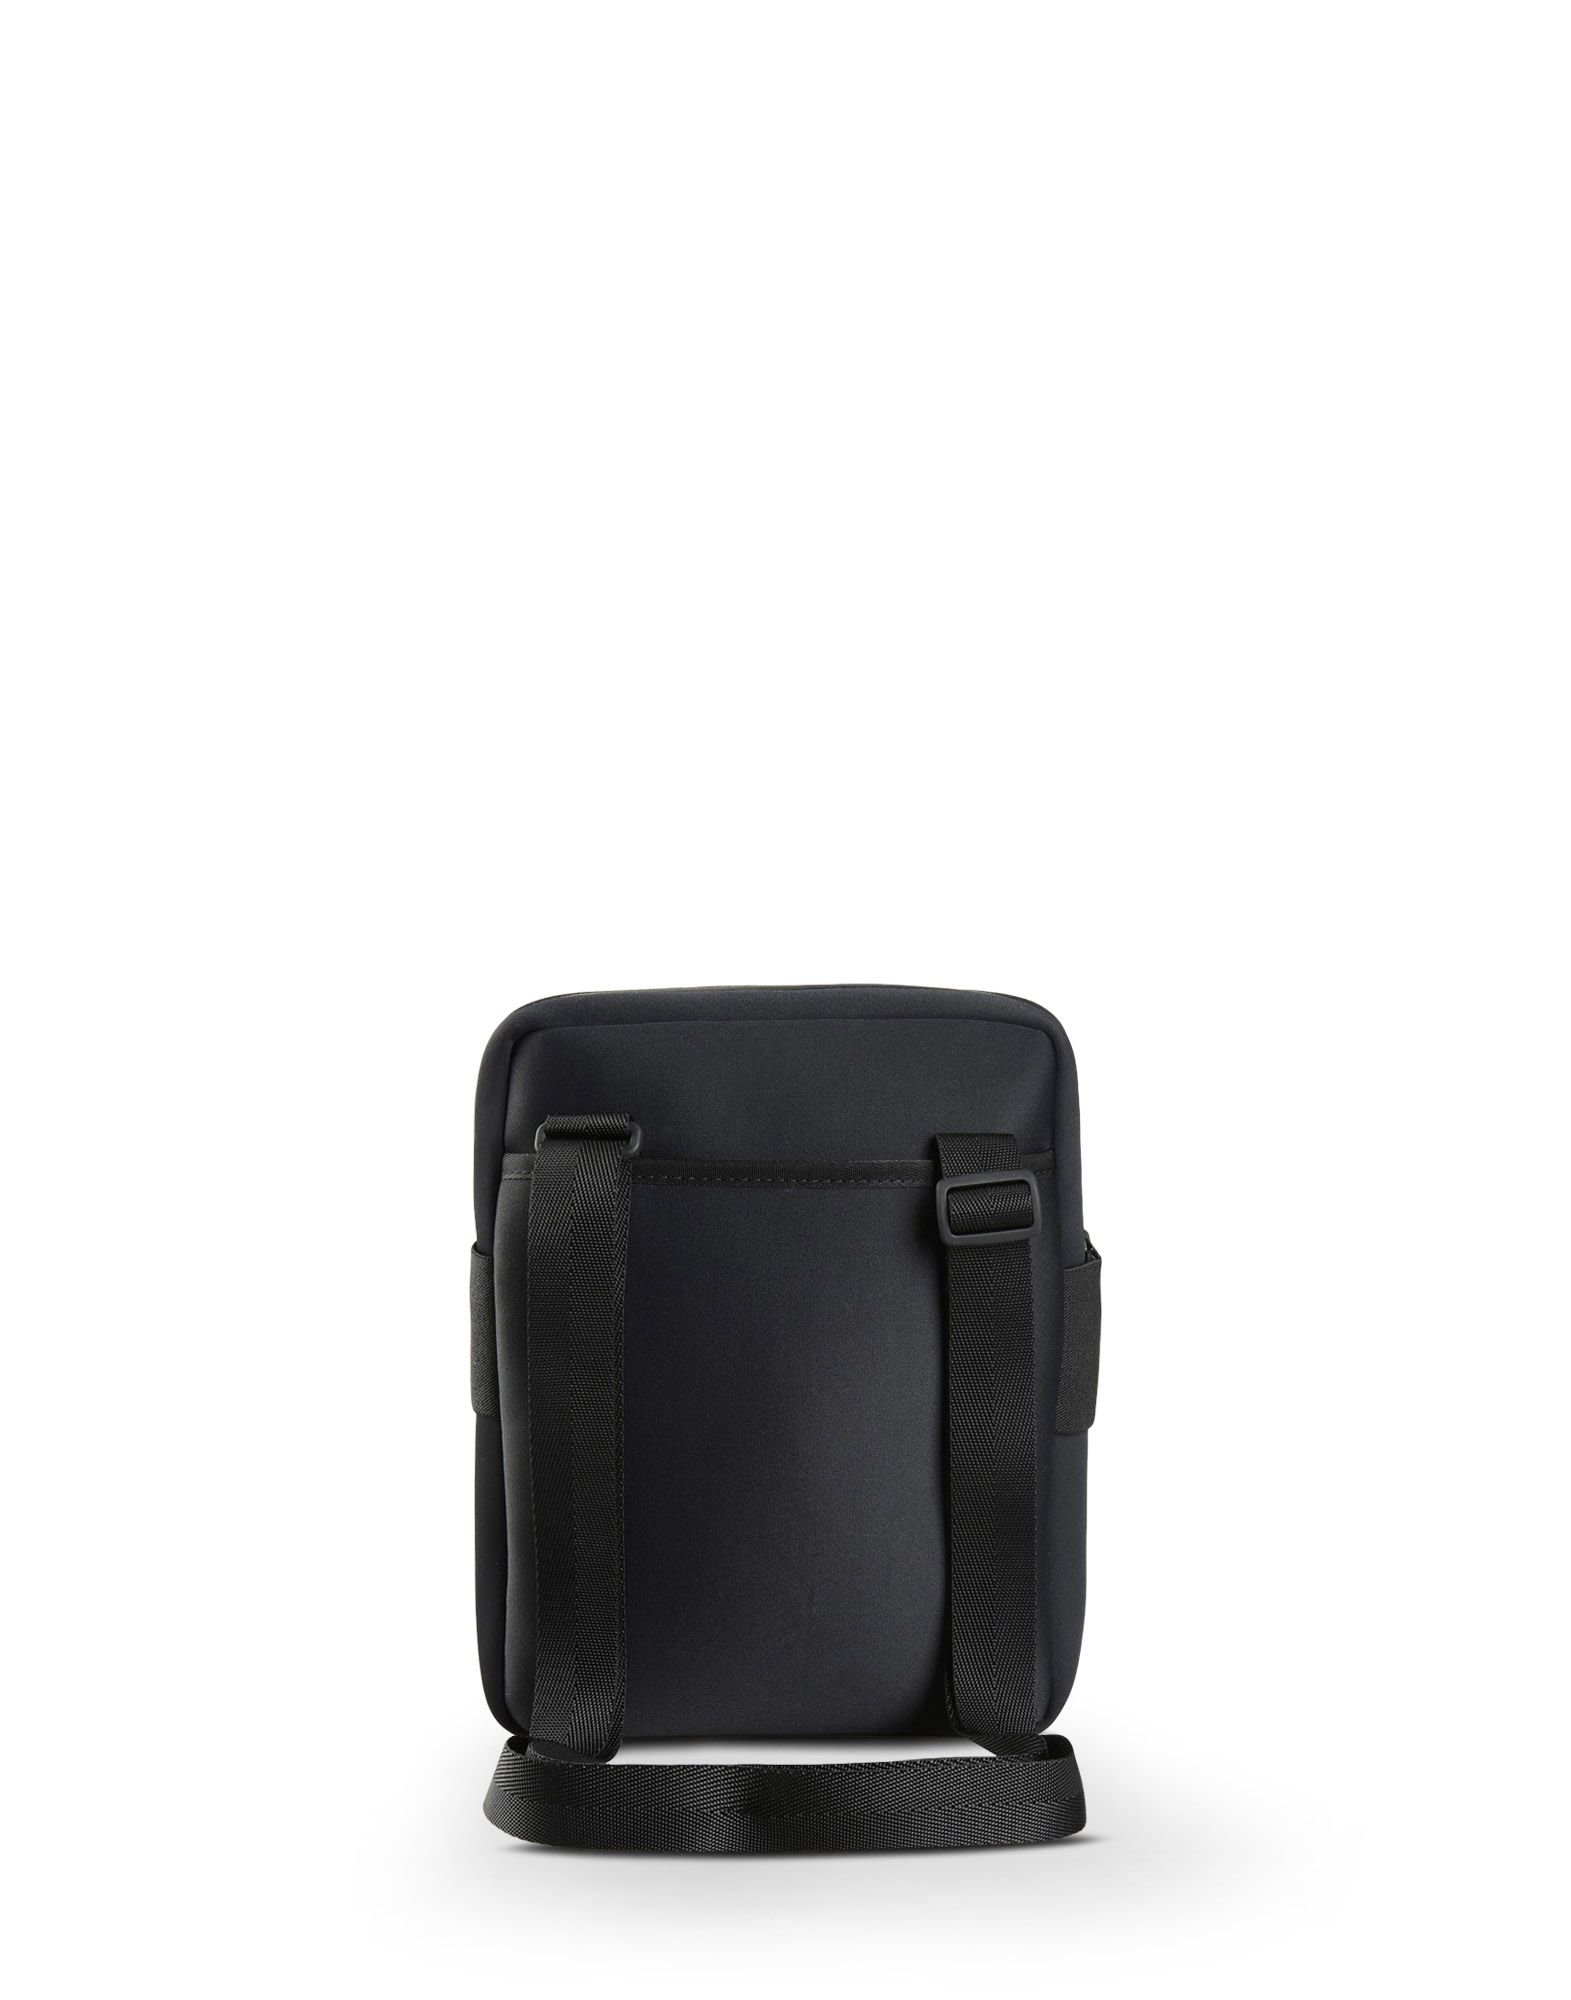 Y-3 QASA PORTER BAG BAGS unisex Y-3 adidas